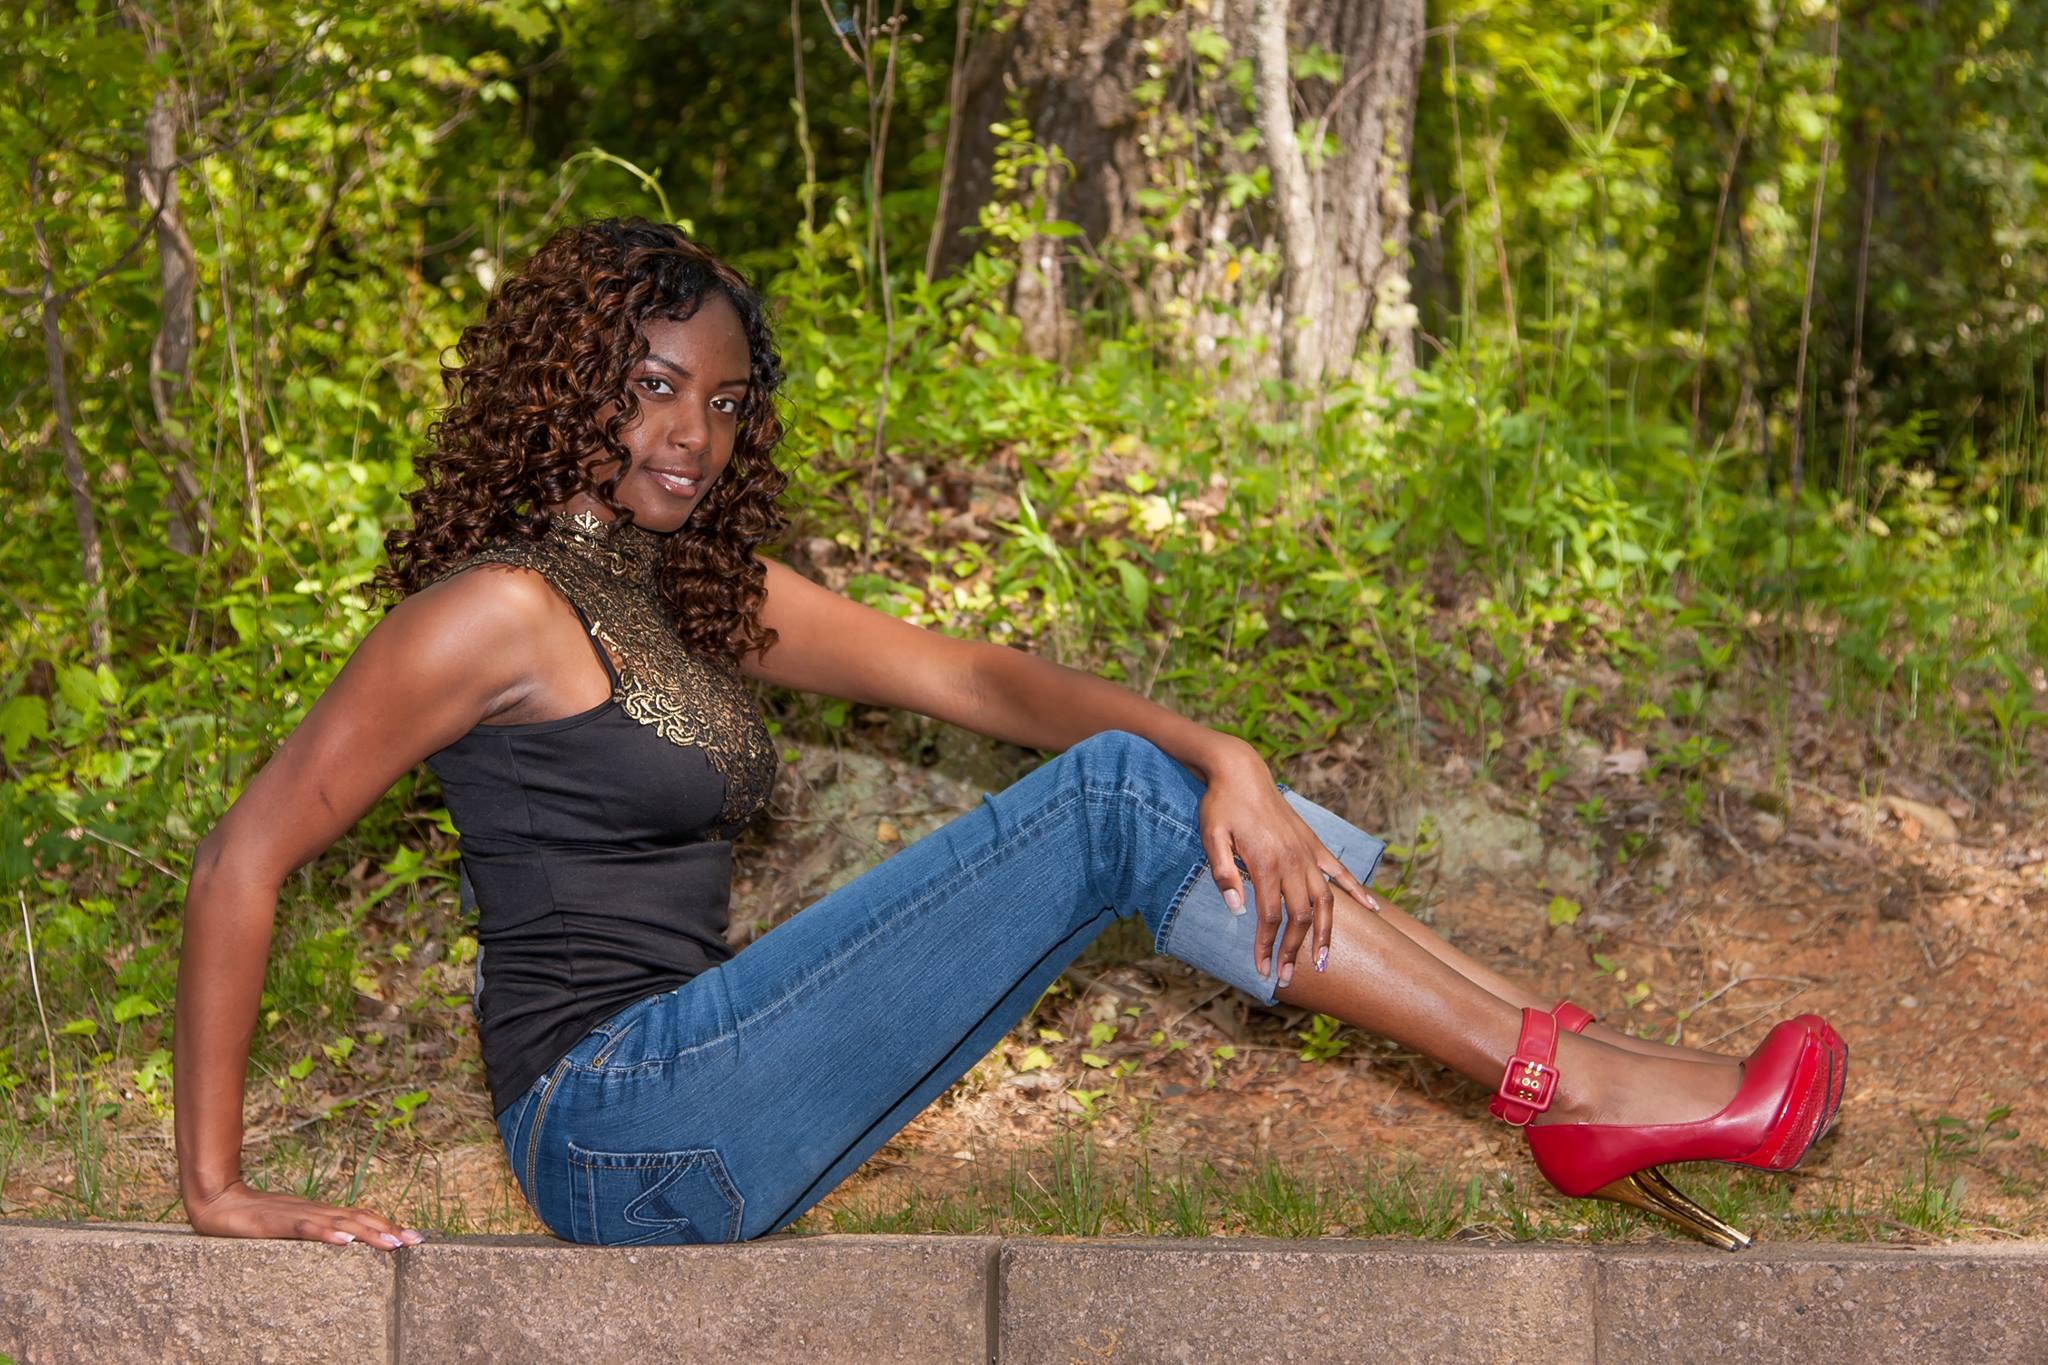 SugarBaby profile Sw33tBr0wnSugar